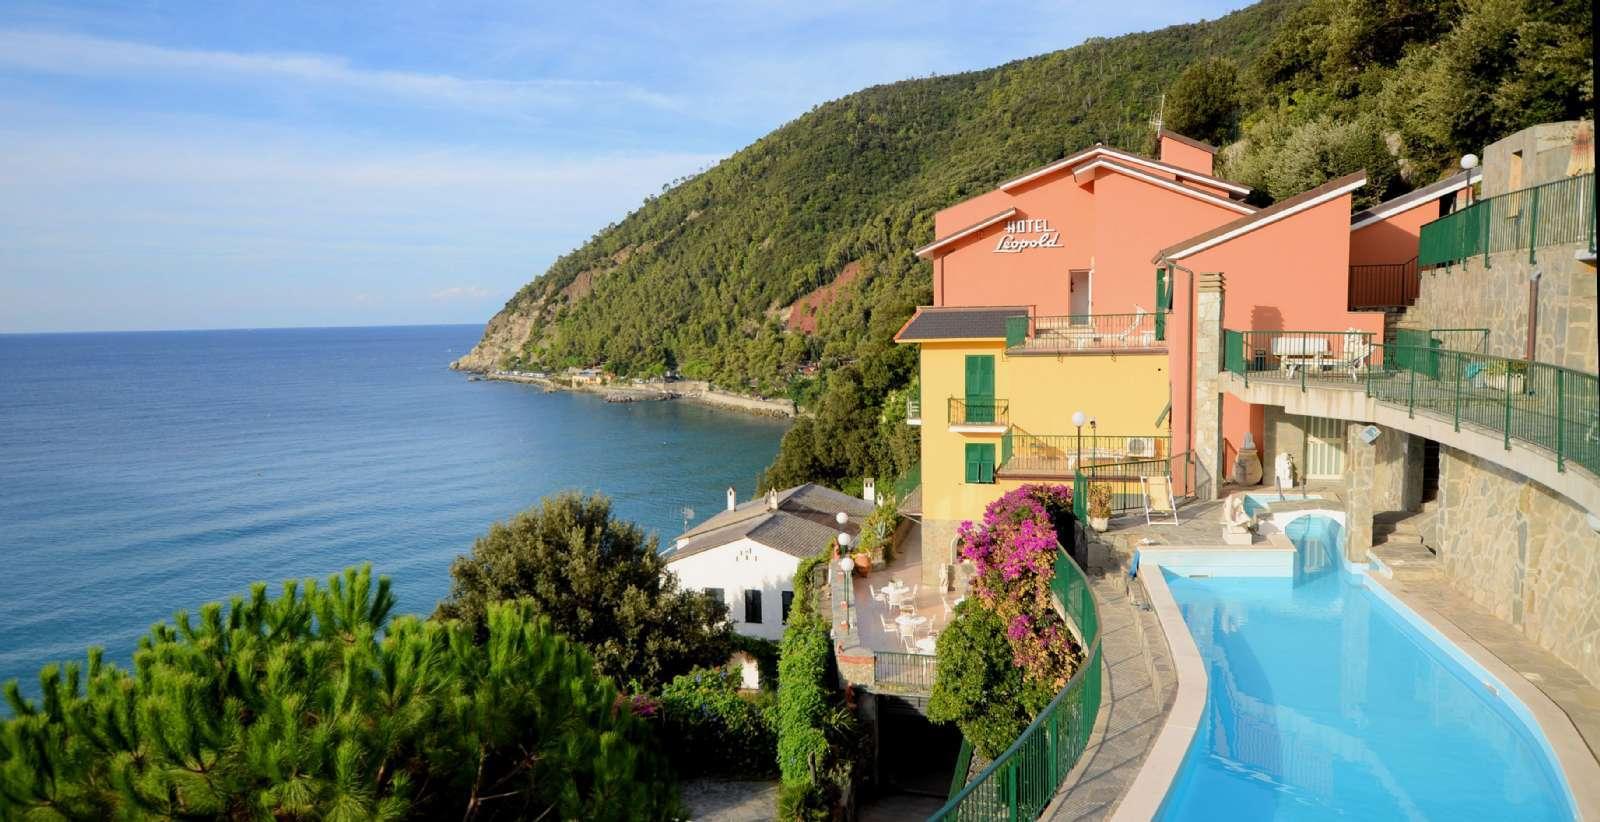 Afbudsrejse til Hotel leopold i Italien